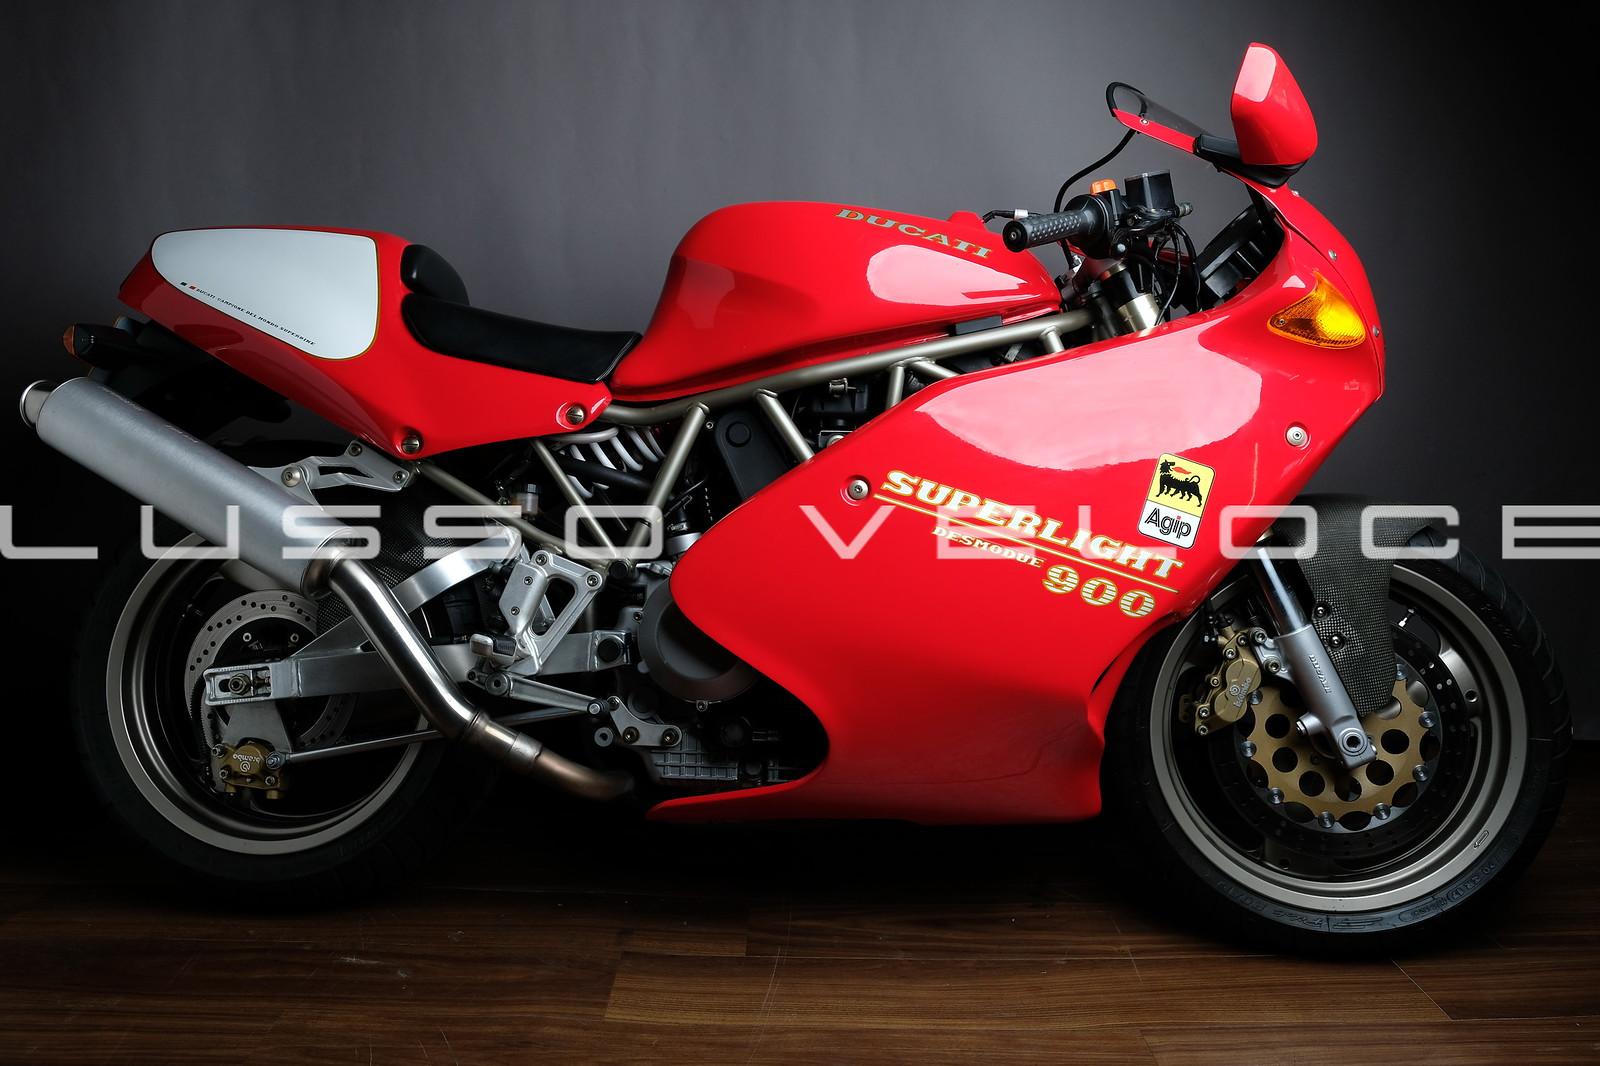 Ducati 900 Superlight SL 900